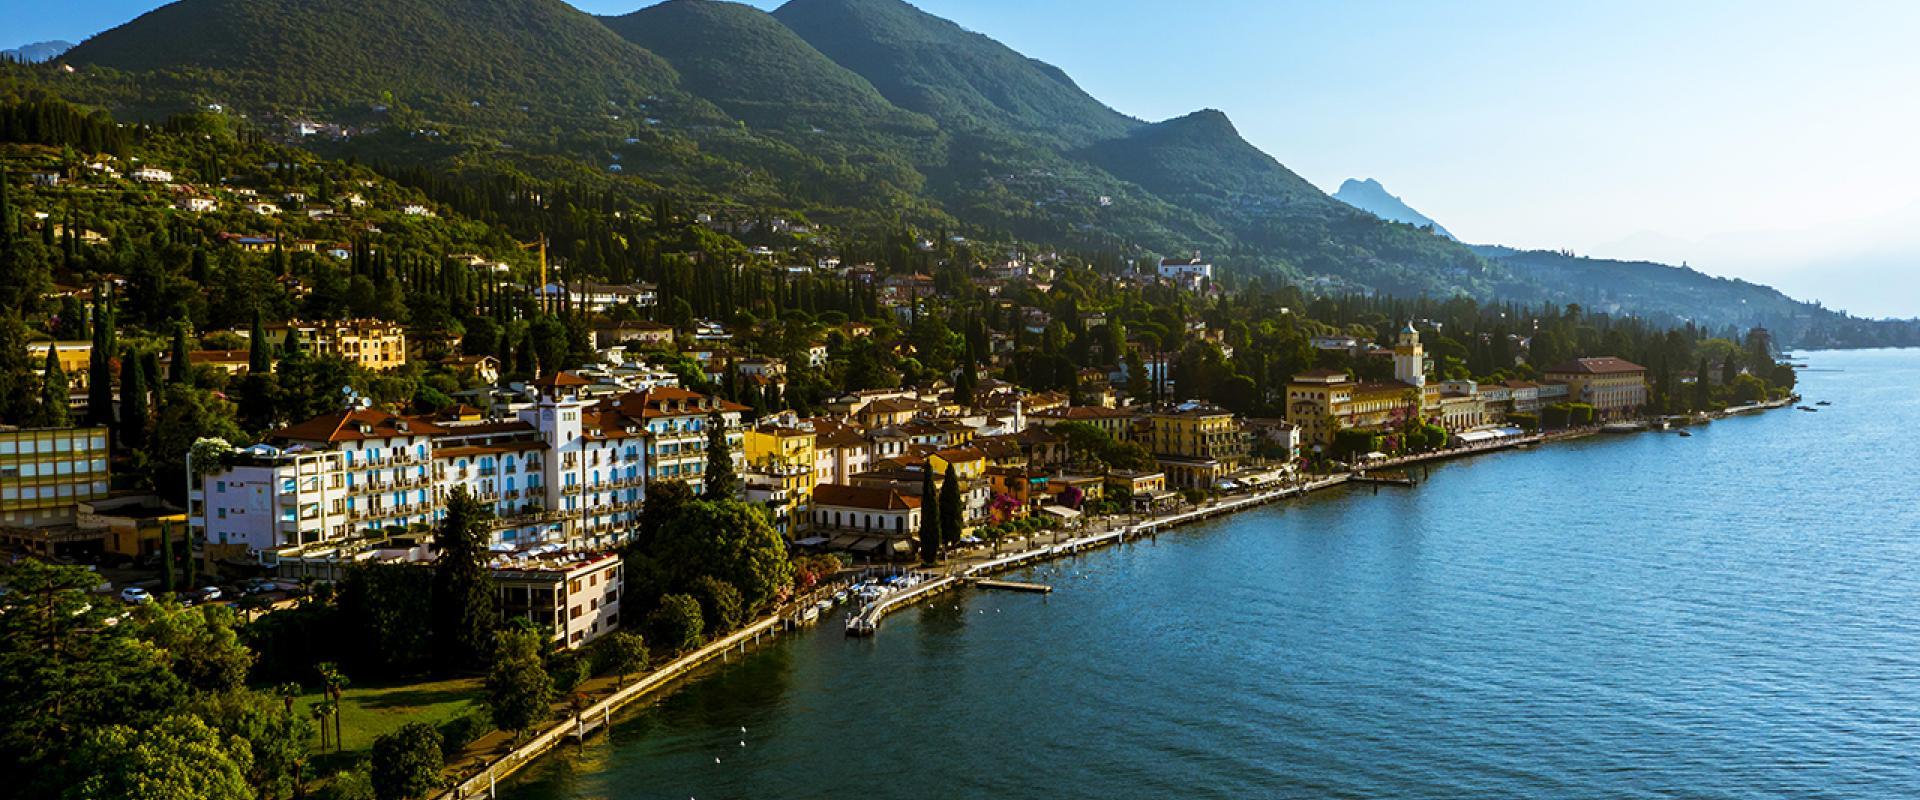 Lago di Garda_2